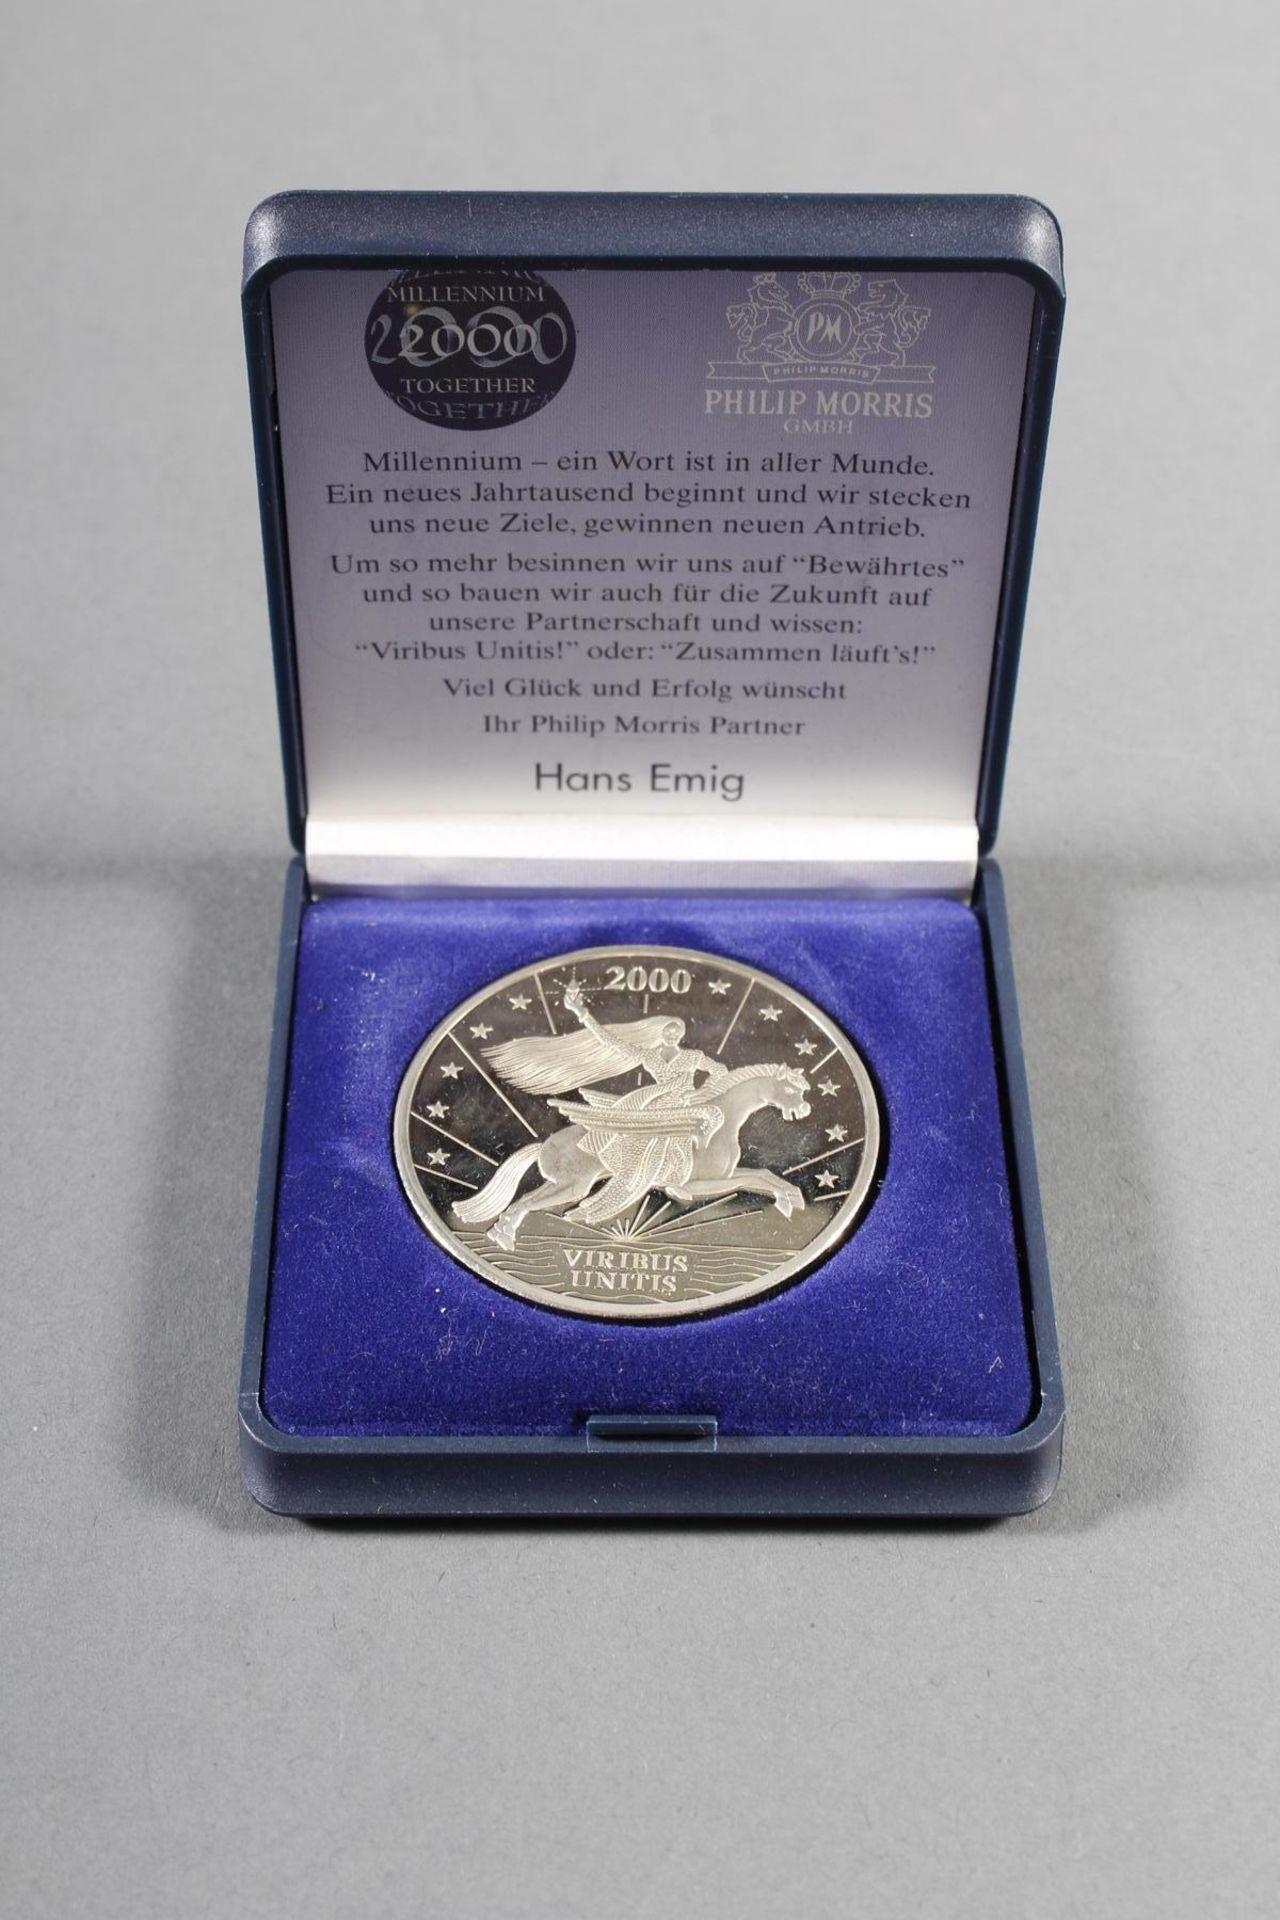 Münz- und Medaillensammlung - Bild 3 aus 8